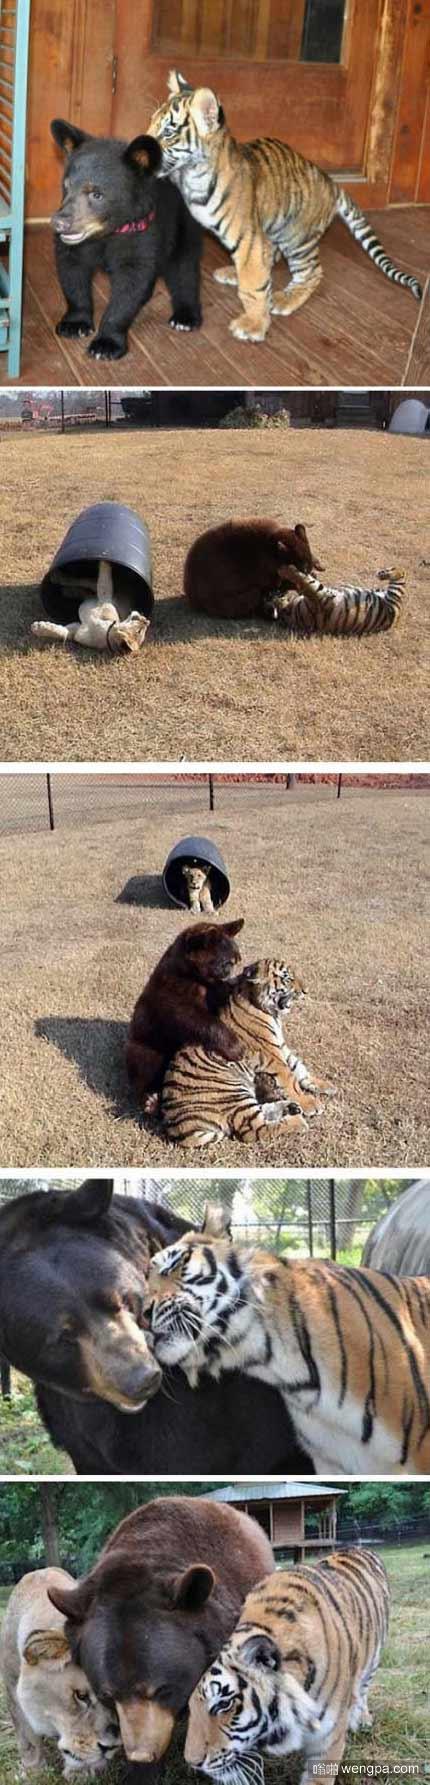 小老虎、狮子和棕熊从毒贩手中救出后长大了 它们亲如兄弟